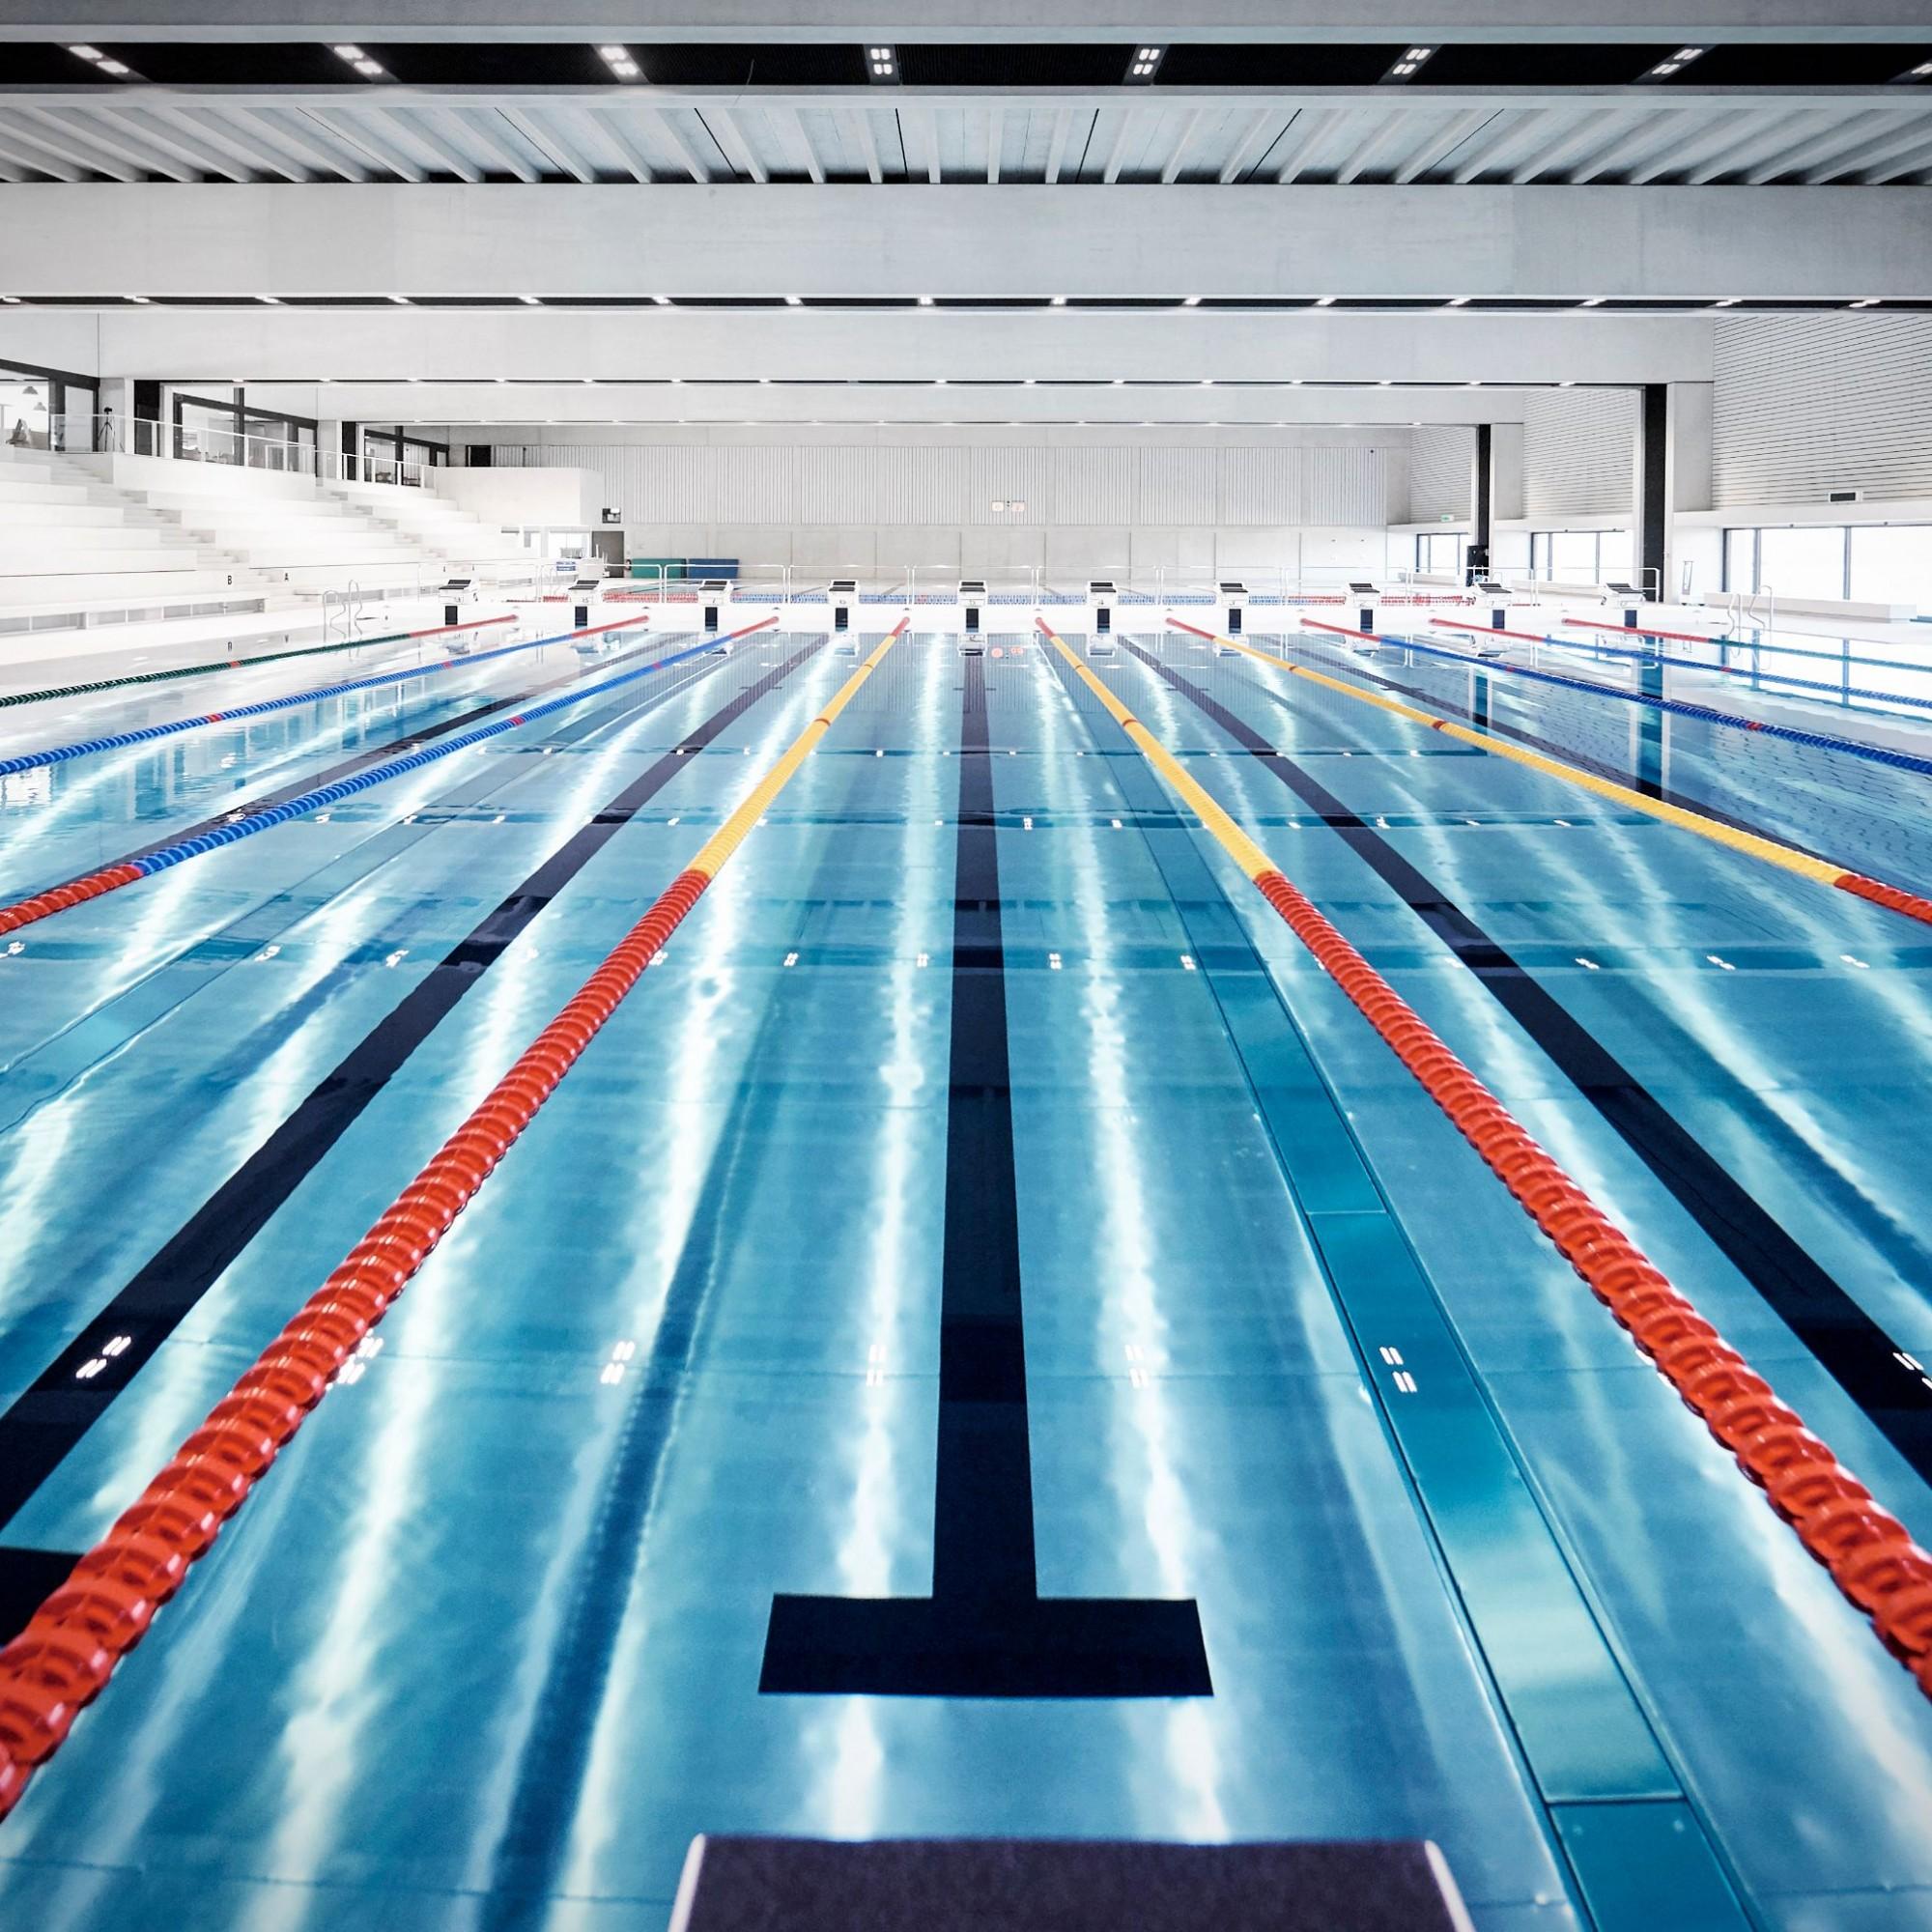 Die Schwimmarena bietet einen 50MeterOlympic Pool mit zehn Bahnen, verschiebbarer Startbrücke, Ertrinkendenerkennungssystem und Hubboden.